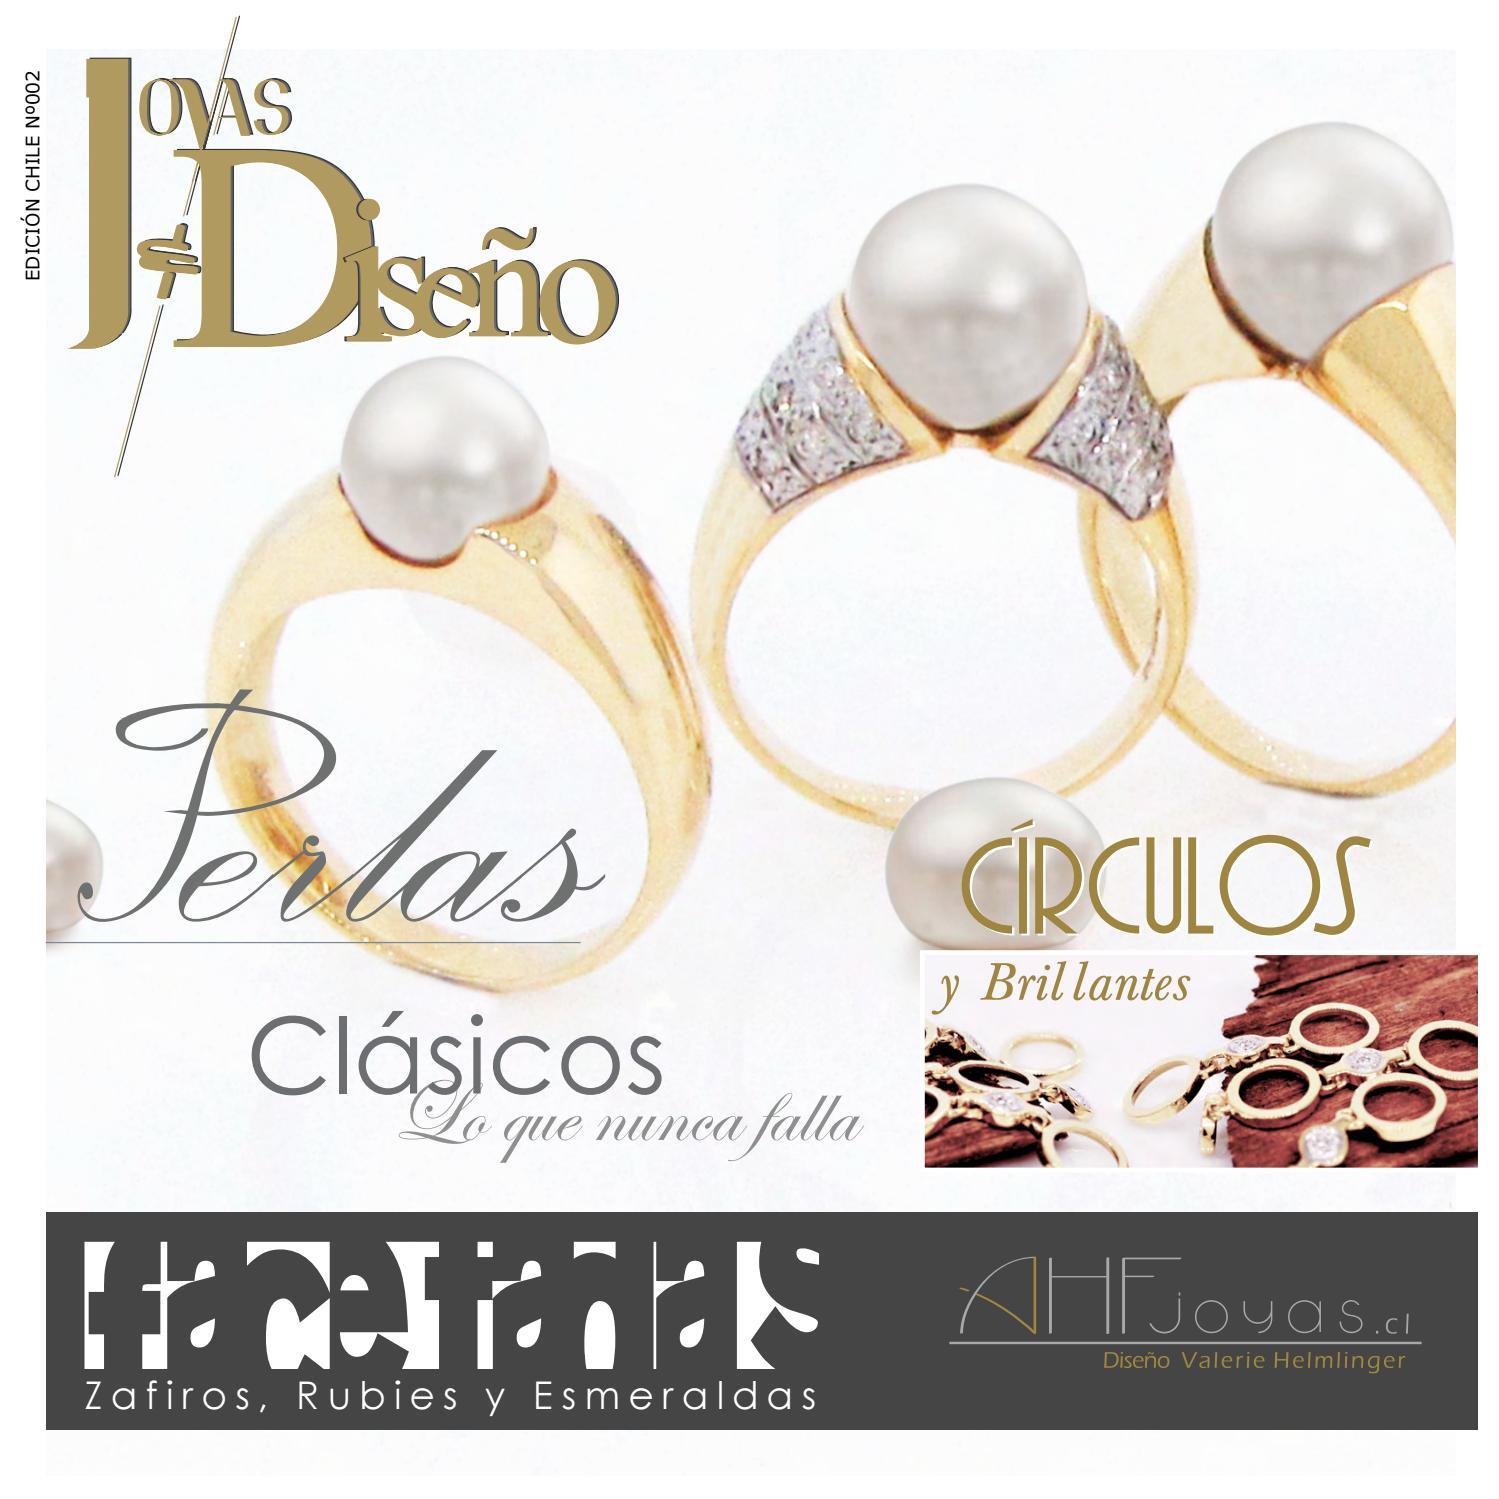 906f11f20df4 Joyas   Diseño by AHF Joyas - issuu